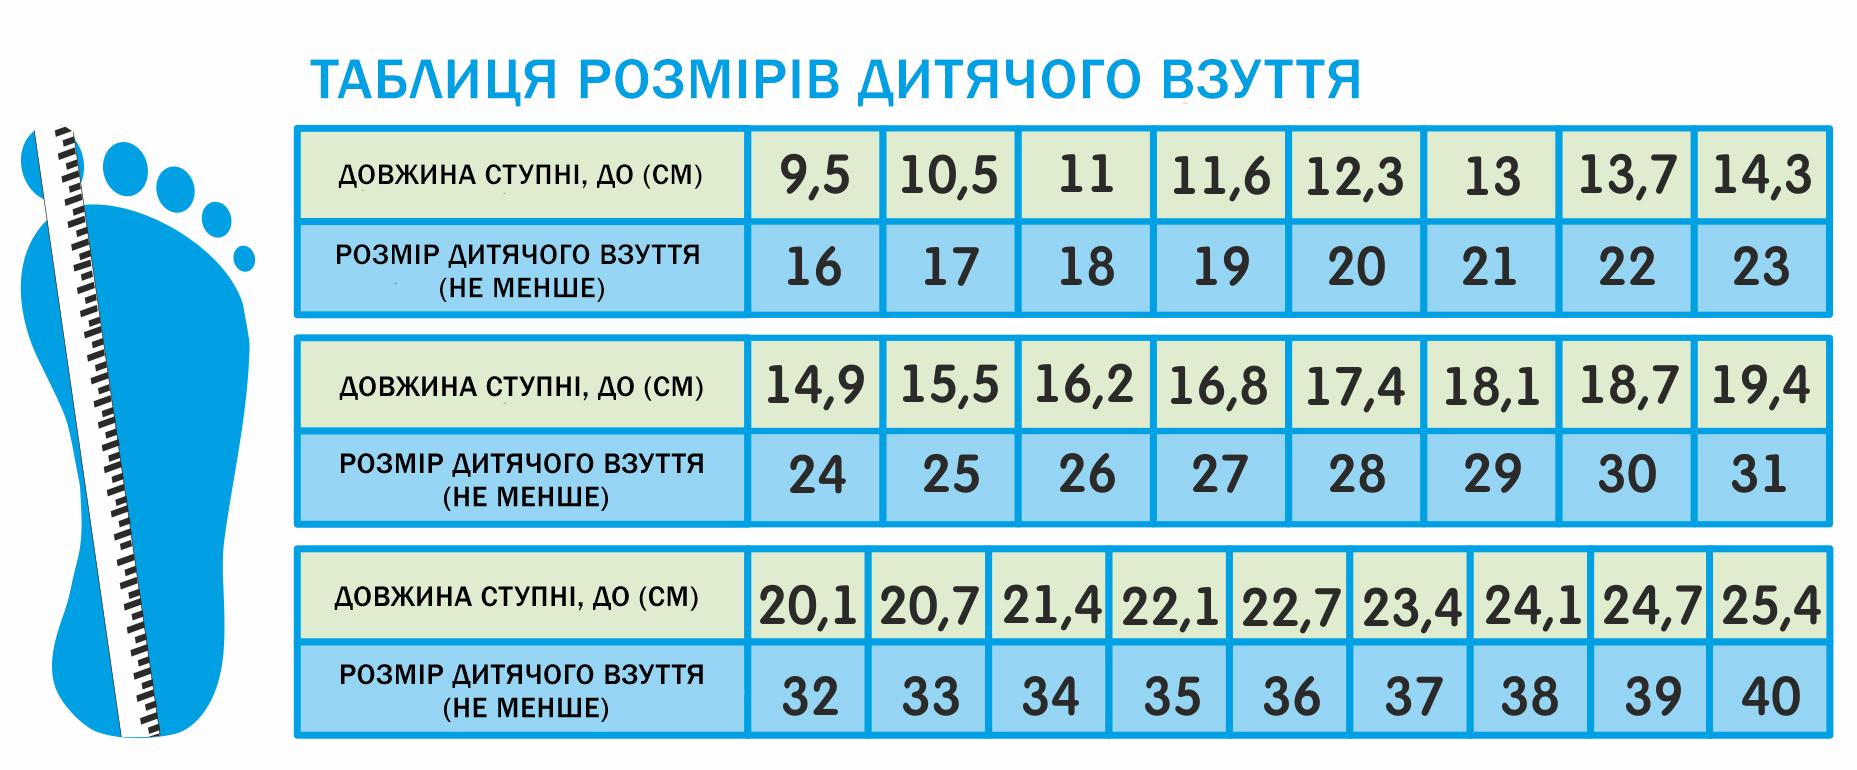 Таблиця розмірів дитячого взуття